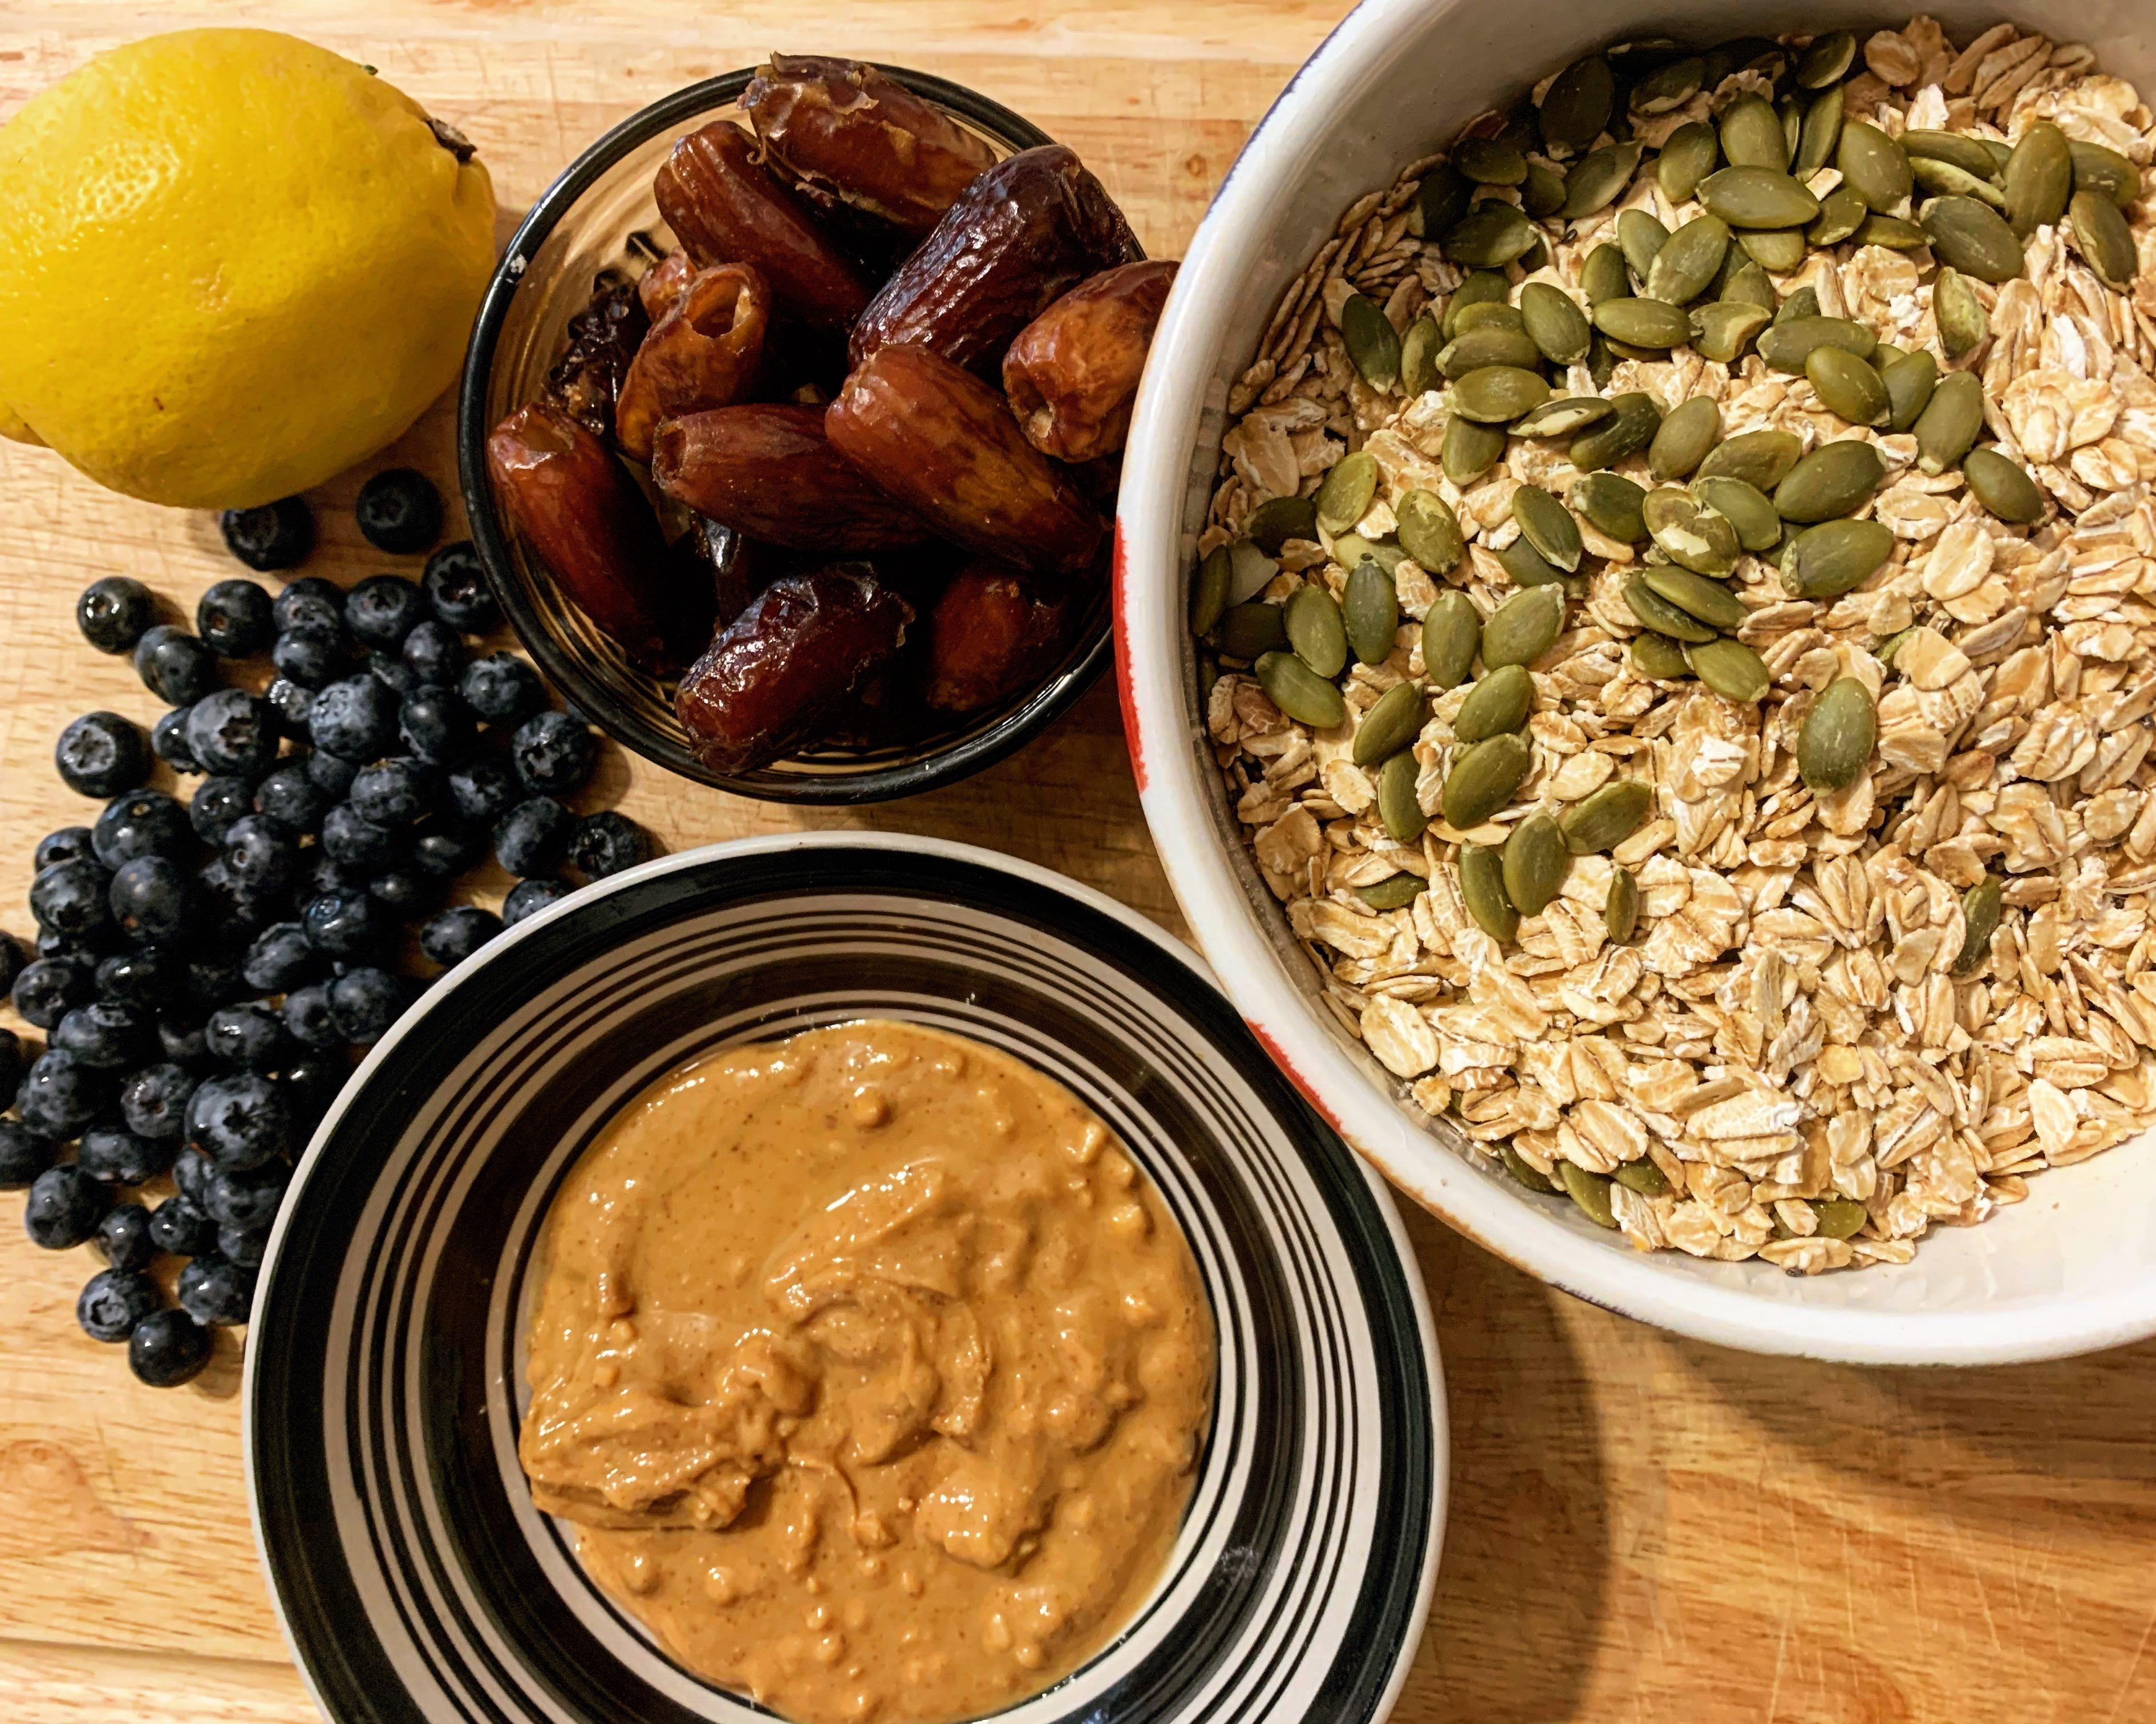 ingredients for lemon blueberry homemade granola bars